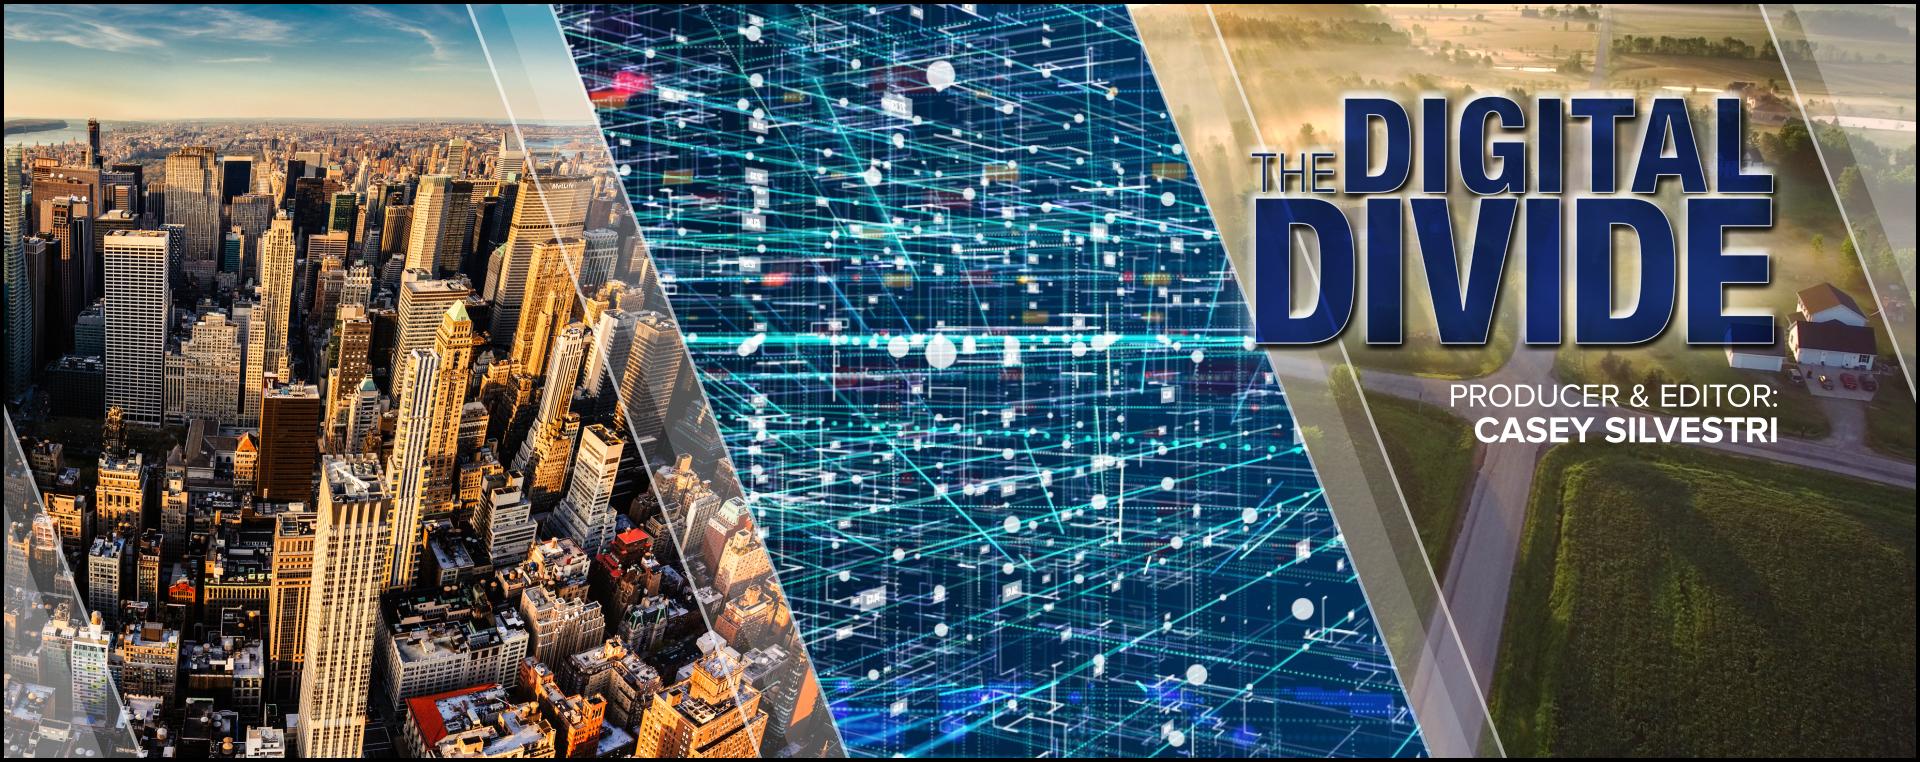 THE-DIGITAL-DIVIDE-SPOTLIGHT.jpg